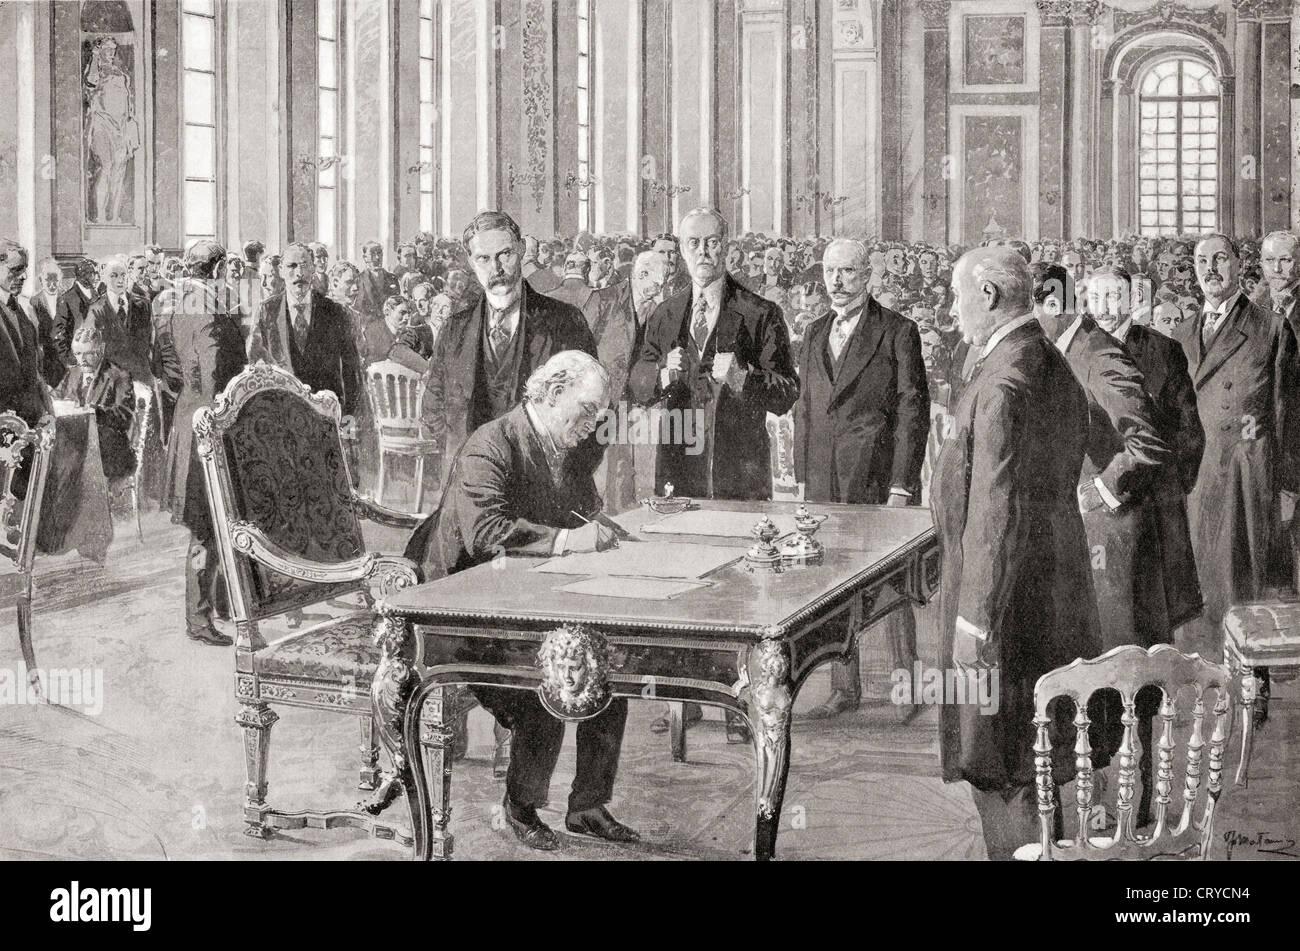 Mr Lloyd George unterzeichnet den Friedensvertrag mit Deutschland, 28. Juni 1919, in die Hall of Mirrors, Schloss Stockfoto